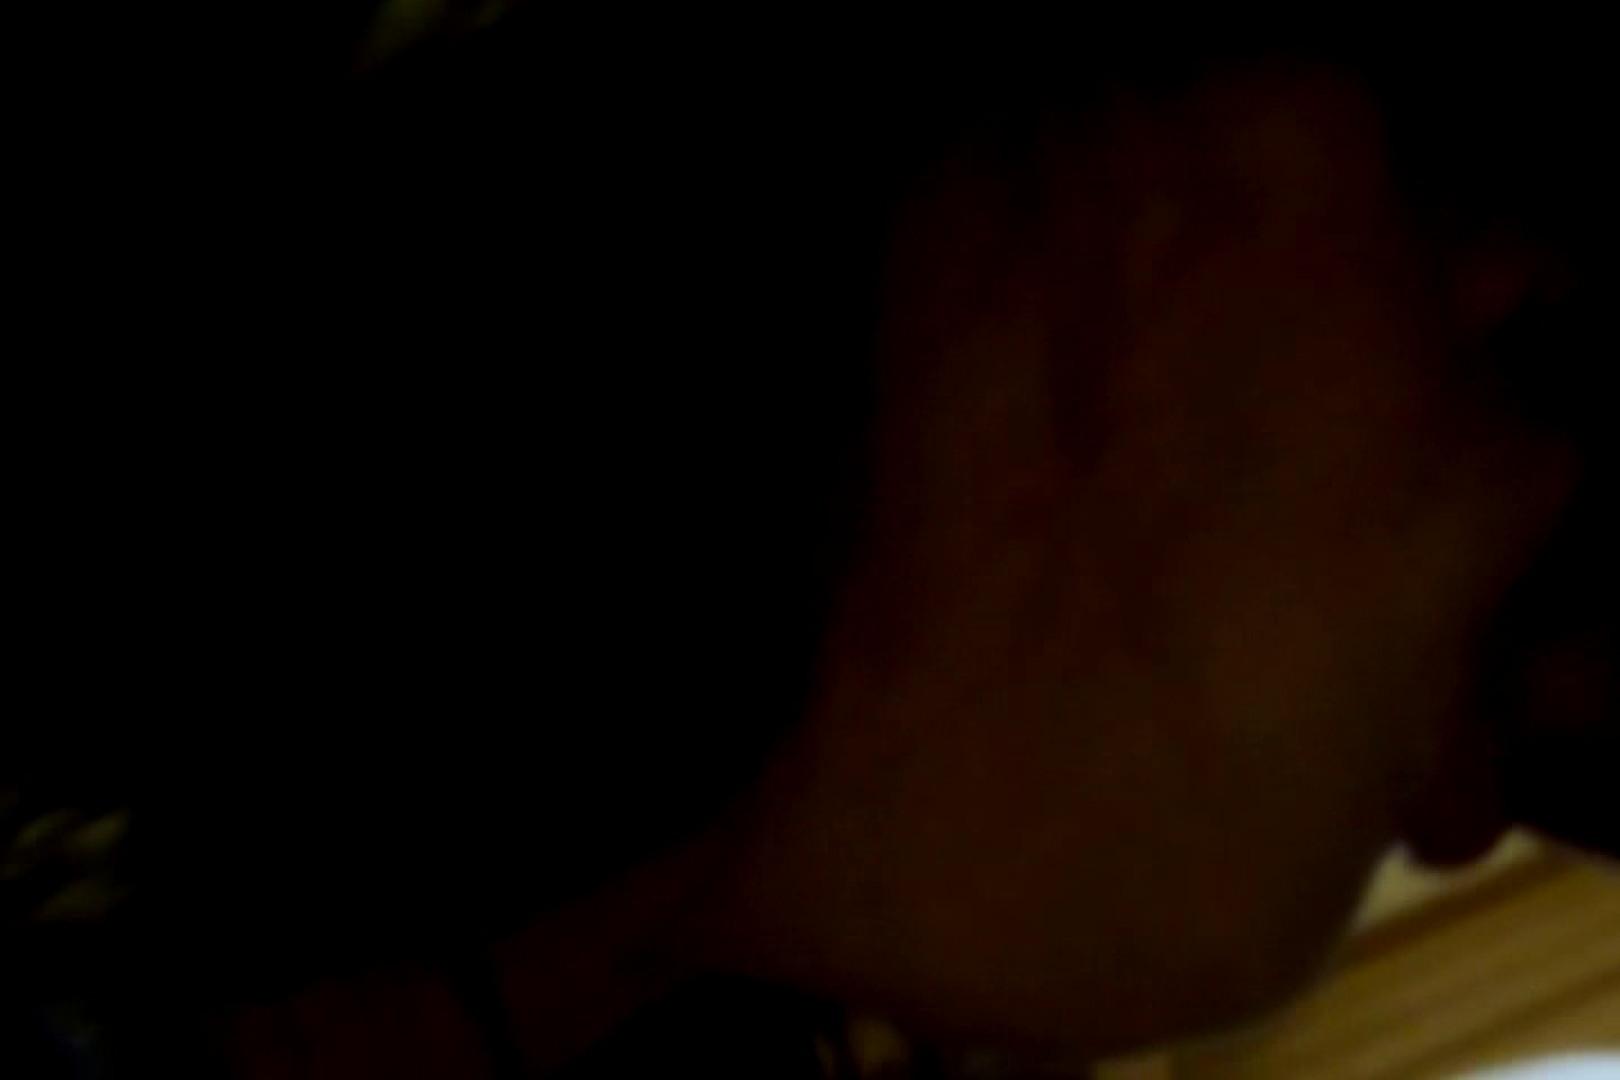 ウイルス流出 レオ&マンコのアルバム プライベート | マンコ  74画像 33